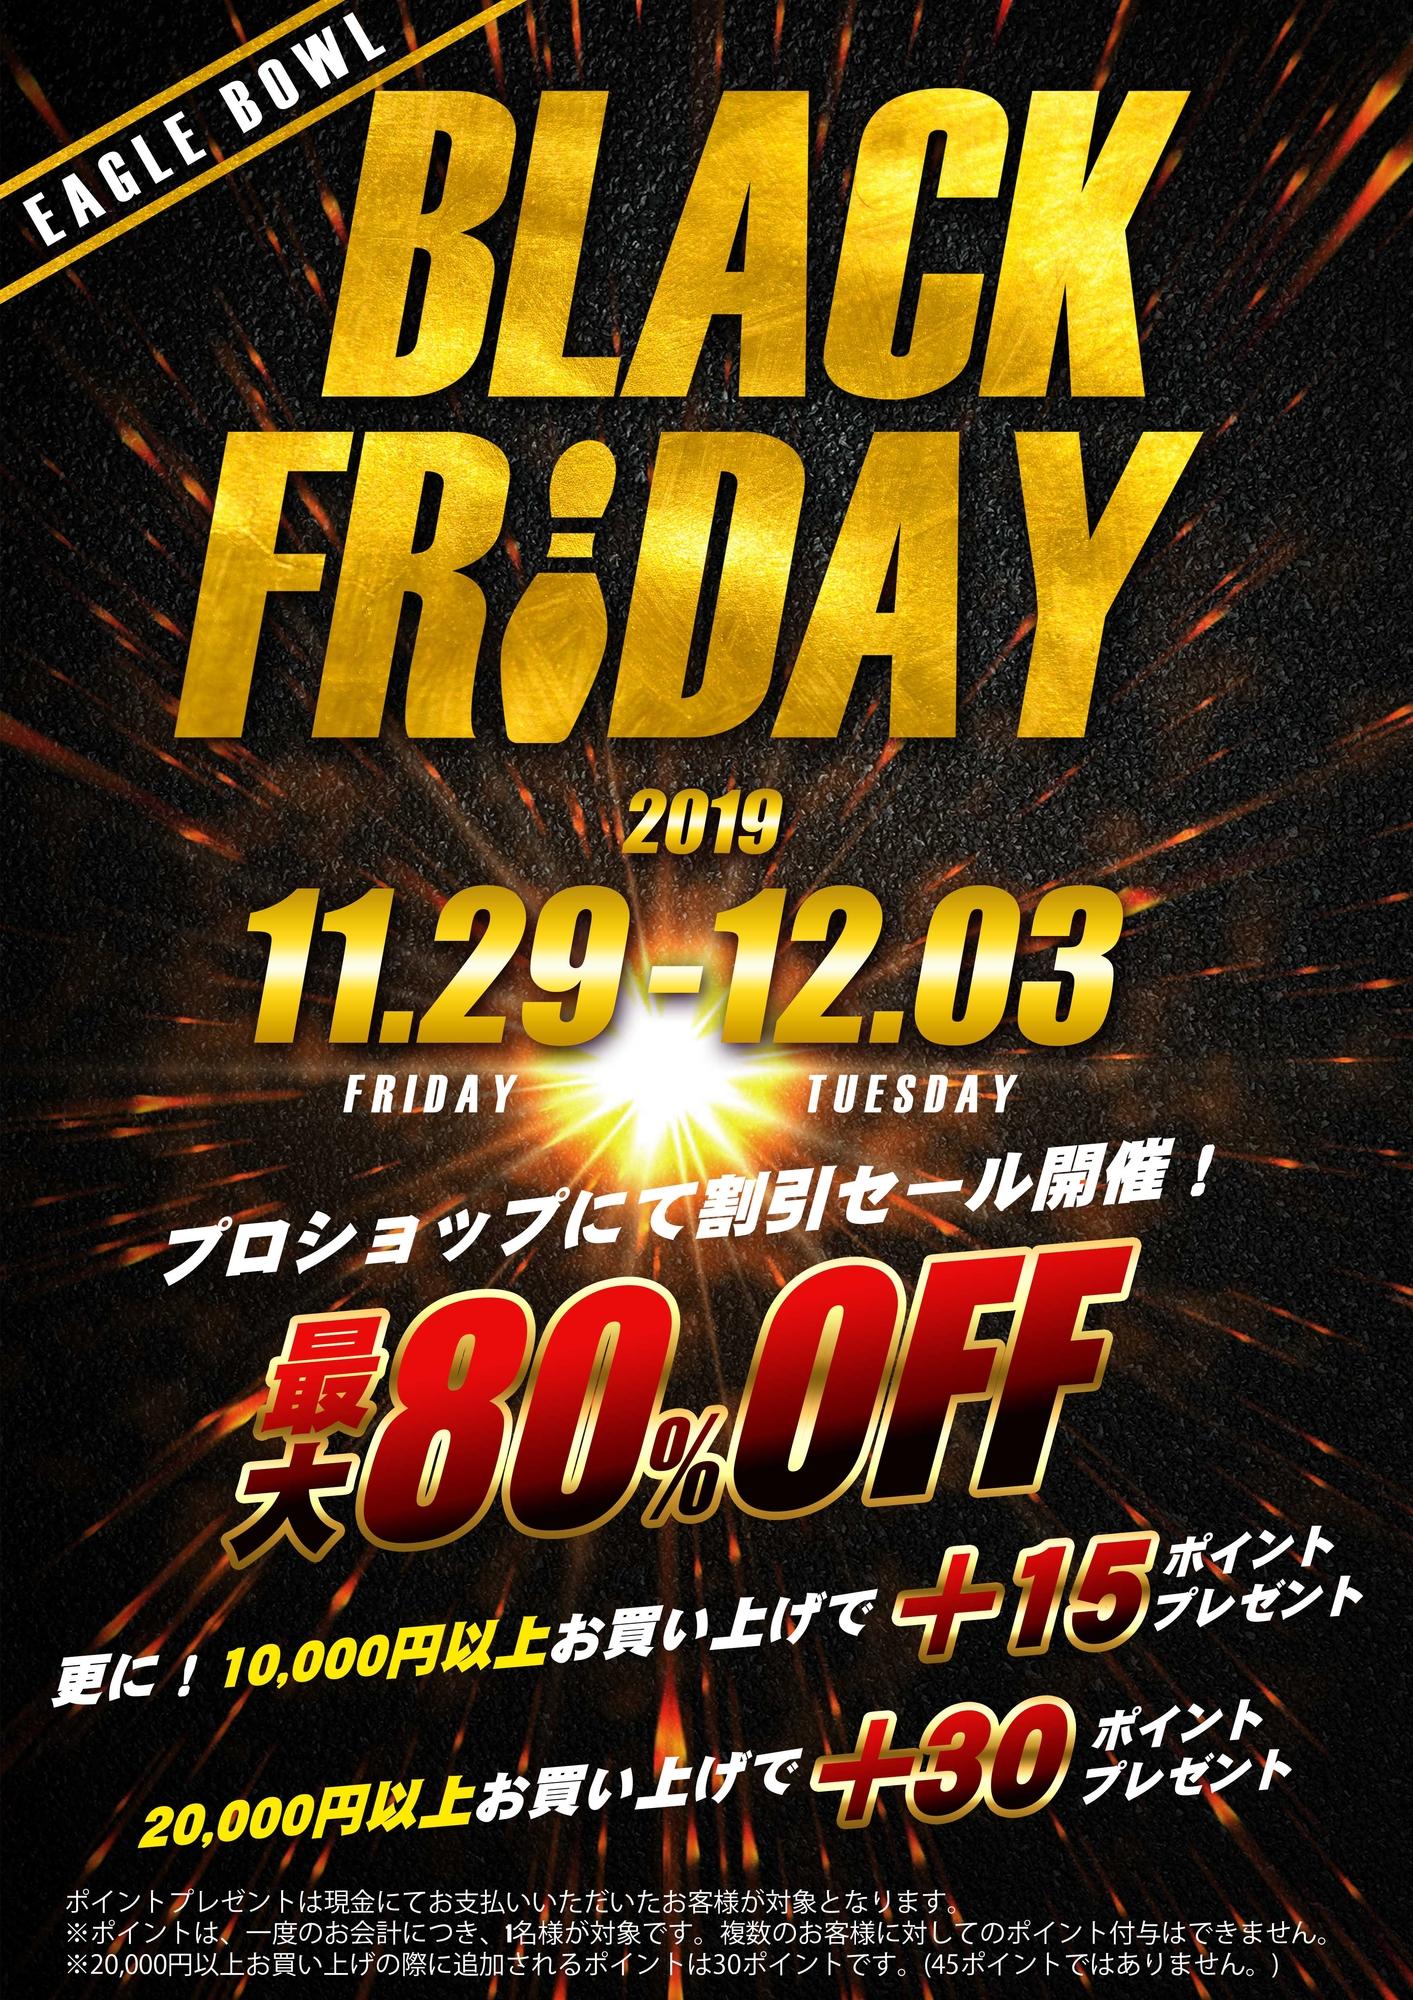 11/27〜 ブラックフライデー